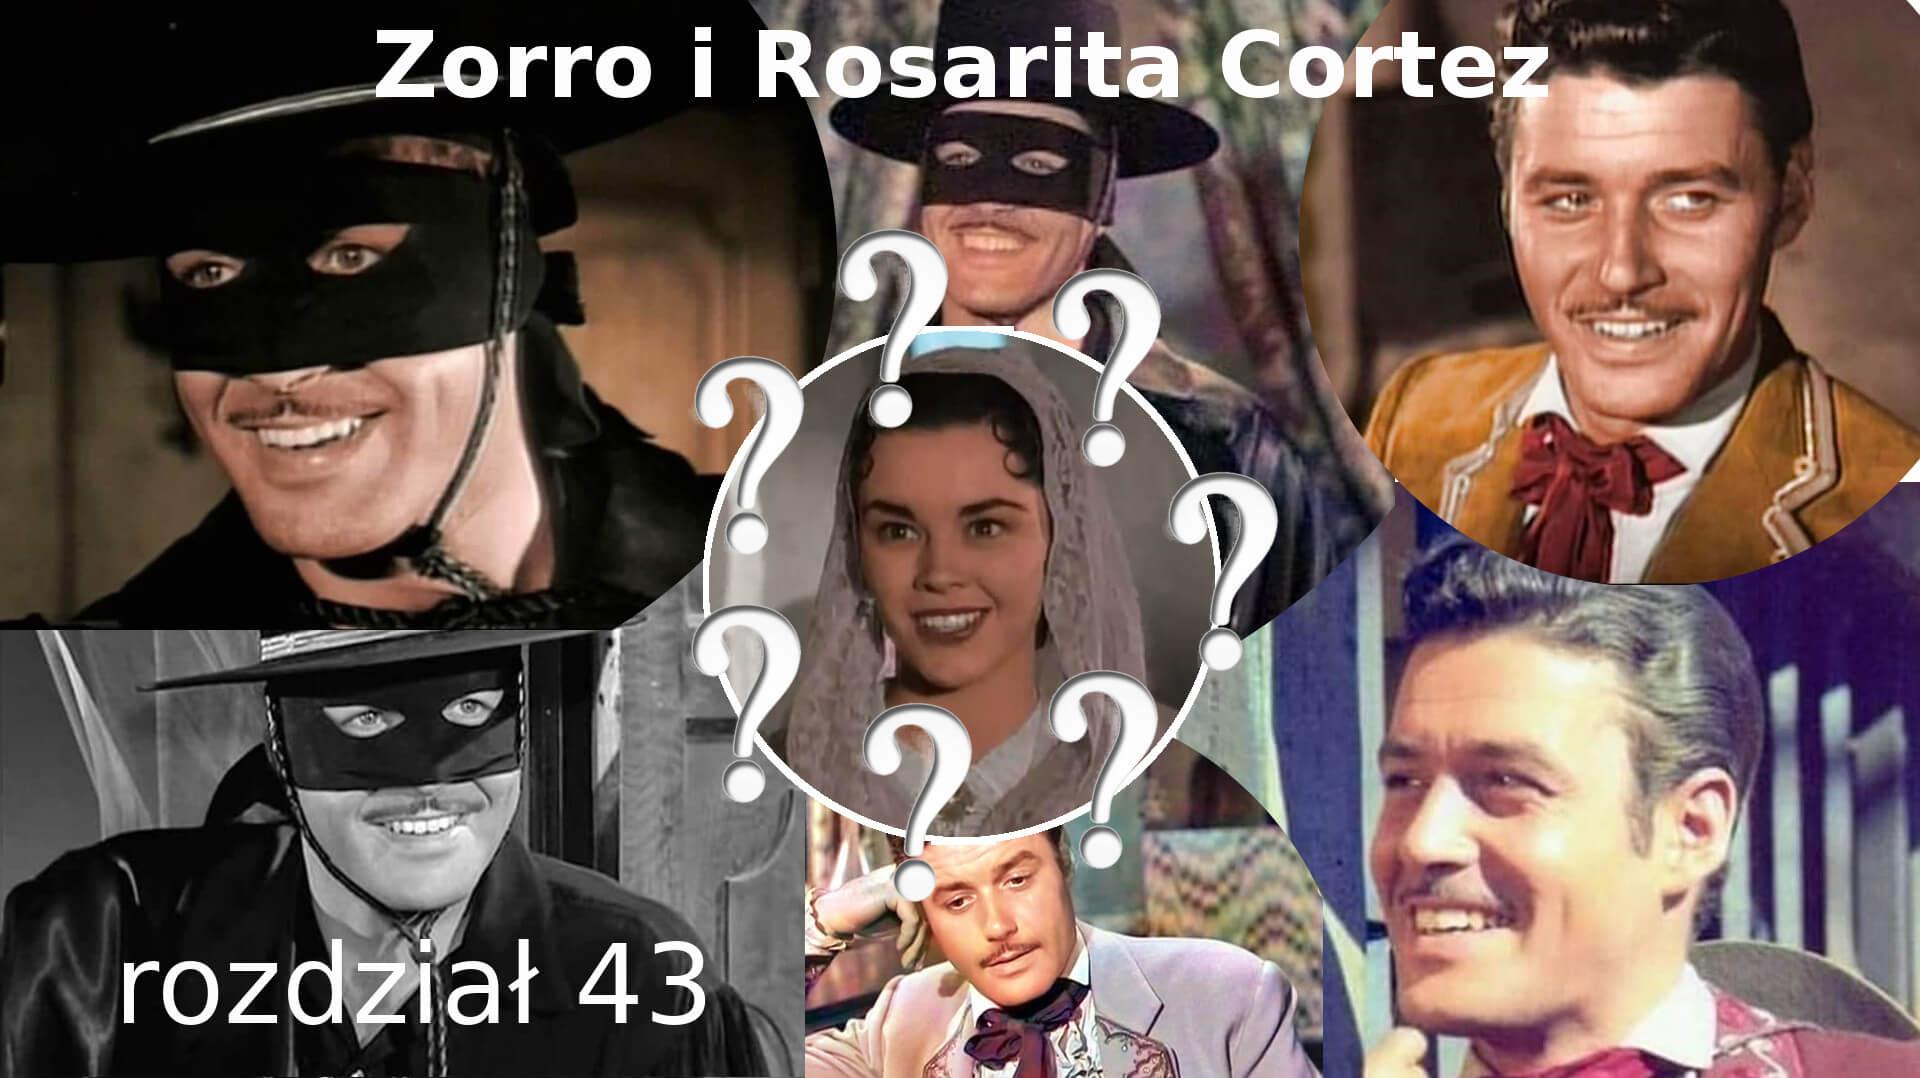 Zorro i Rosarita Cortez rozdział 43 Walt Disney Zorro fanfiction